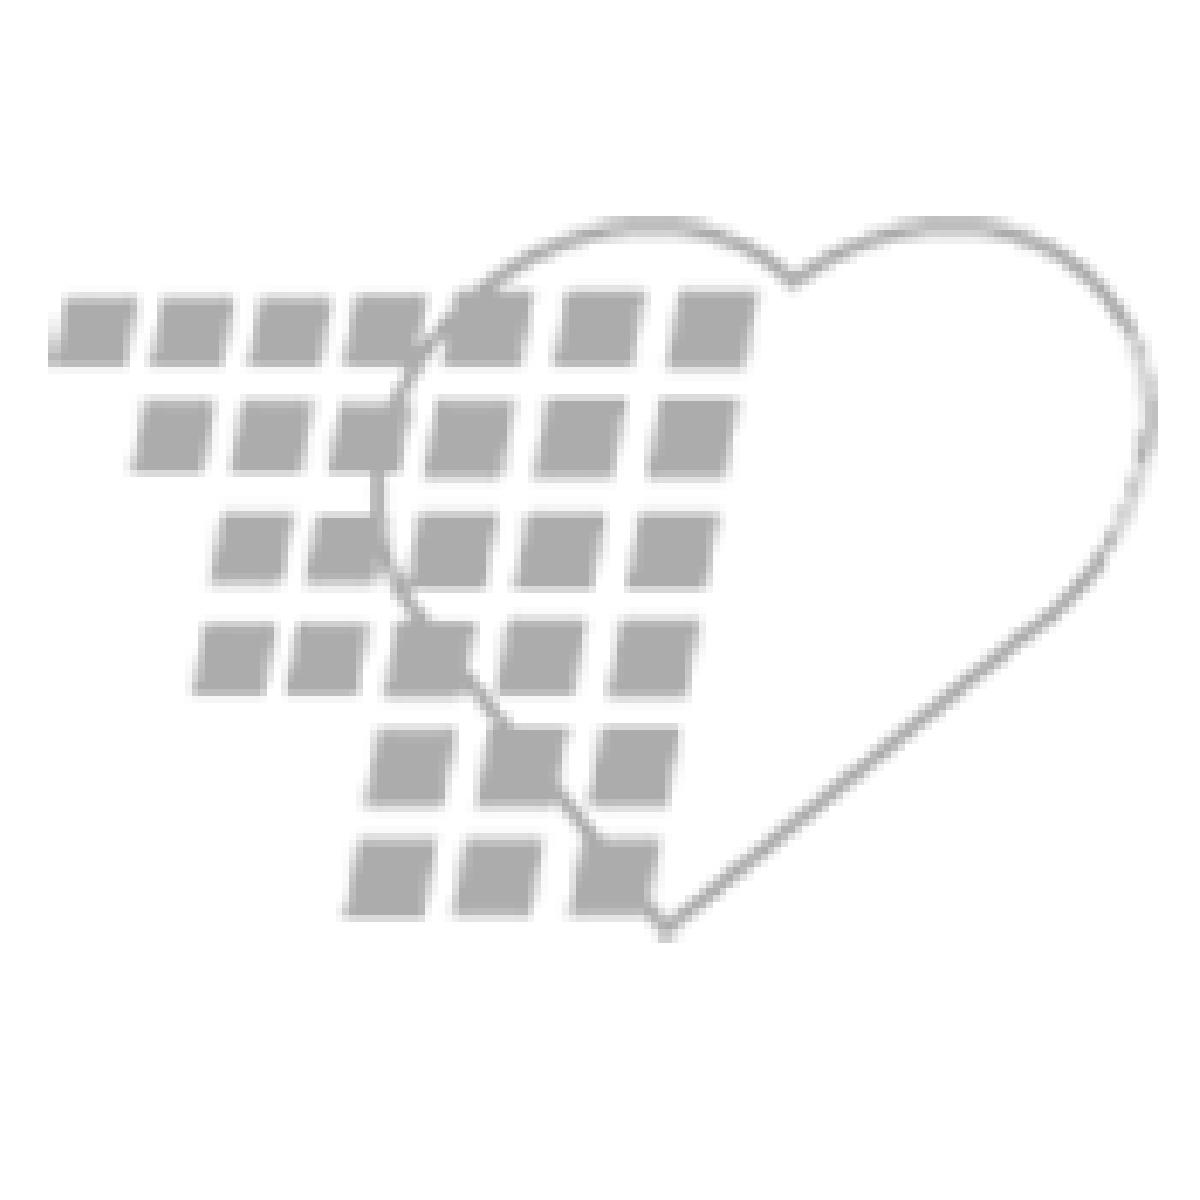 11-81-1040 Simulaids Breast Examination Trainer